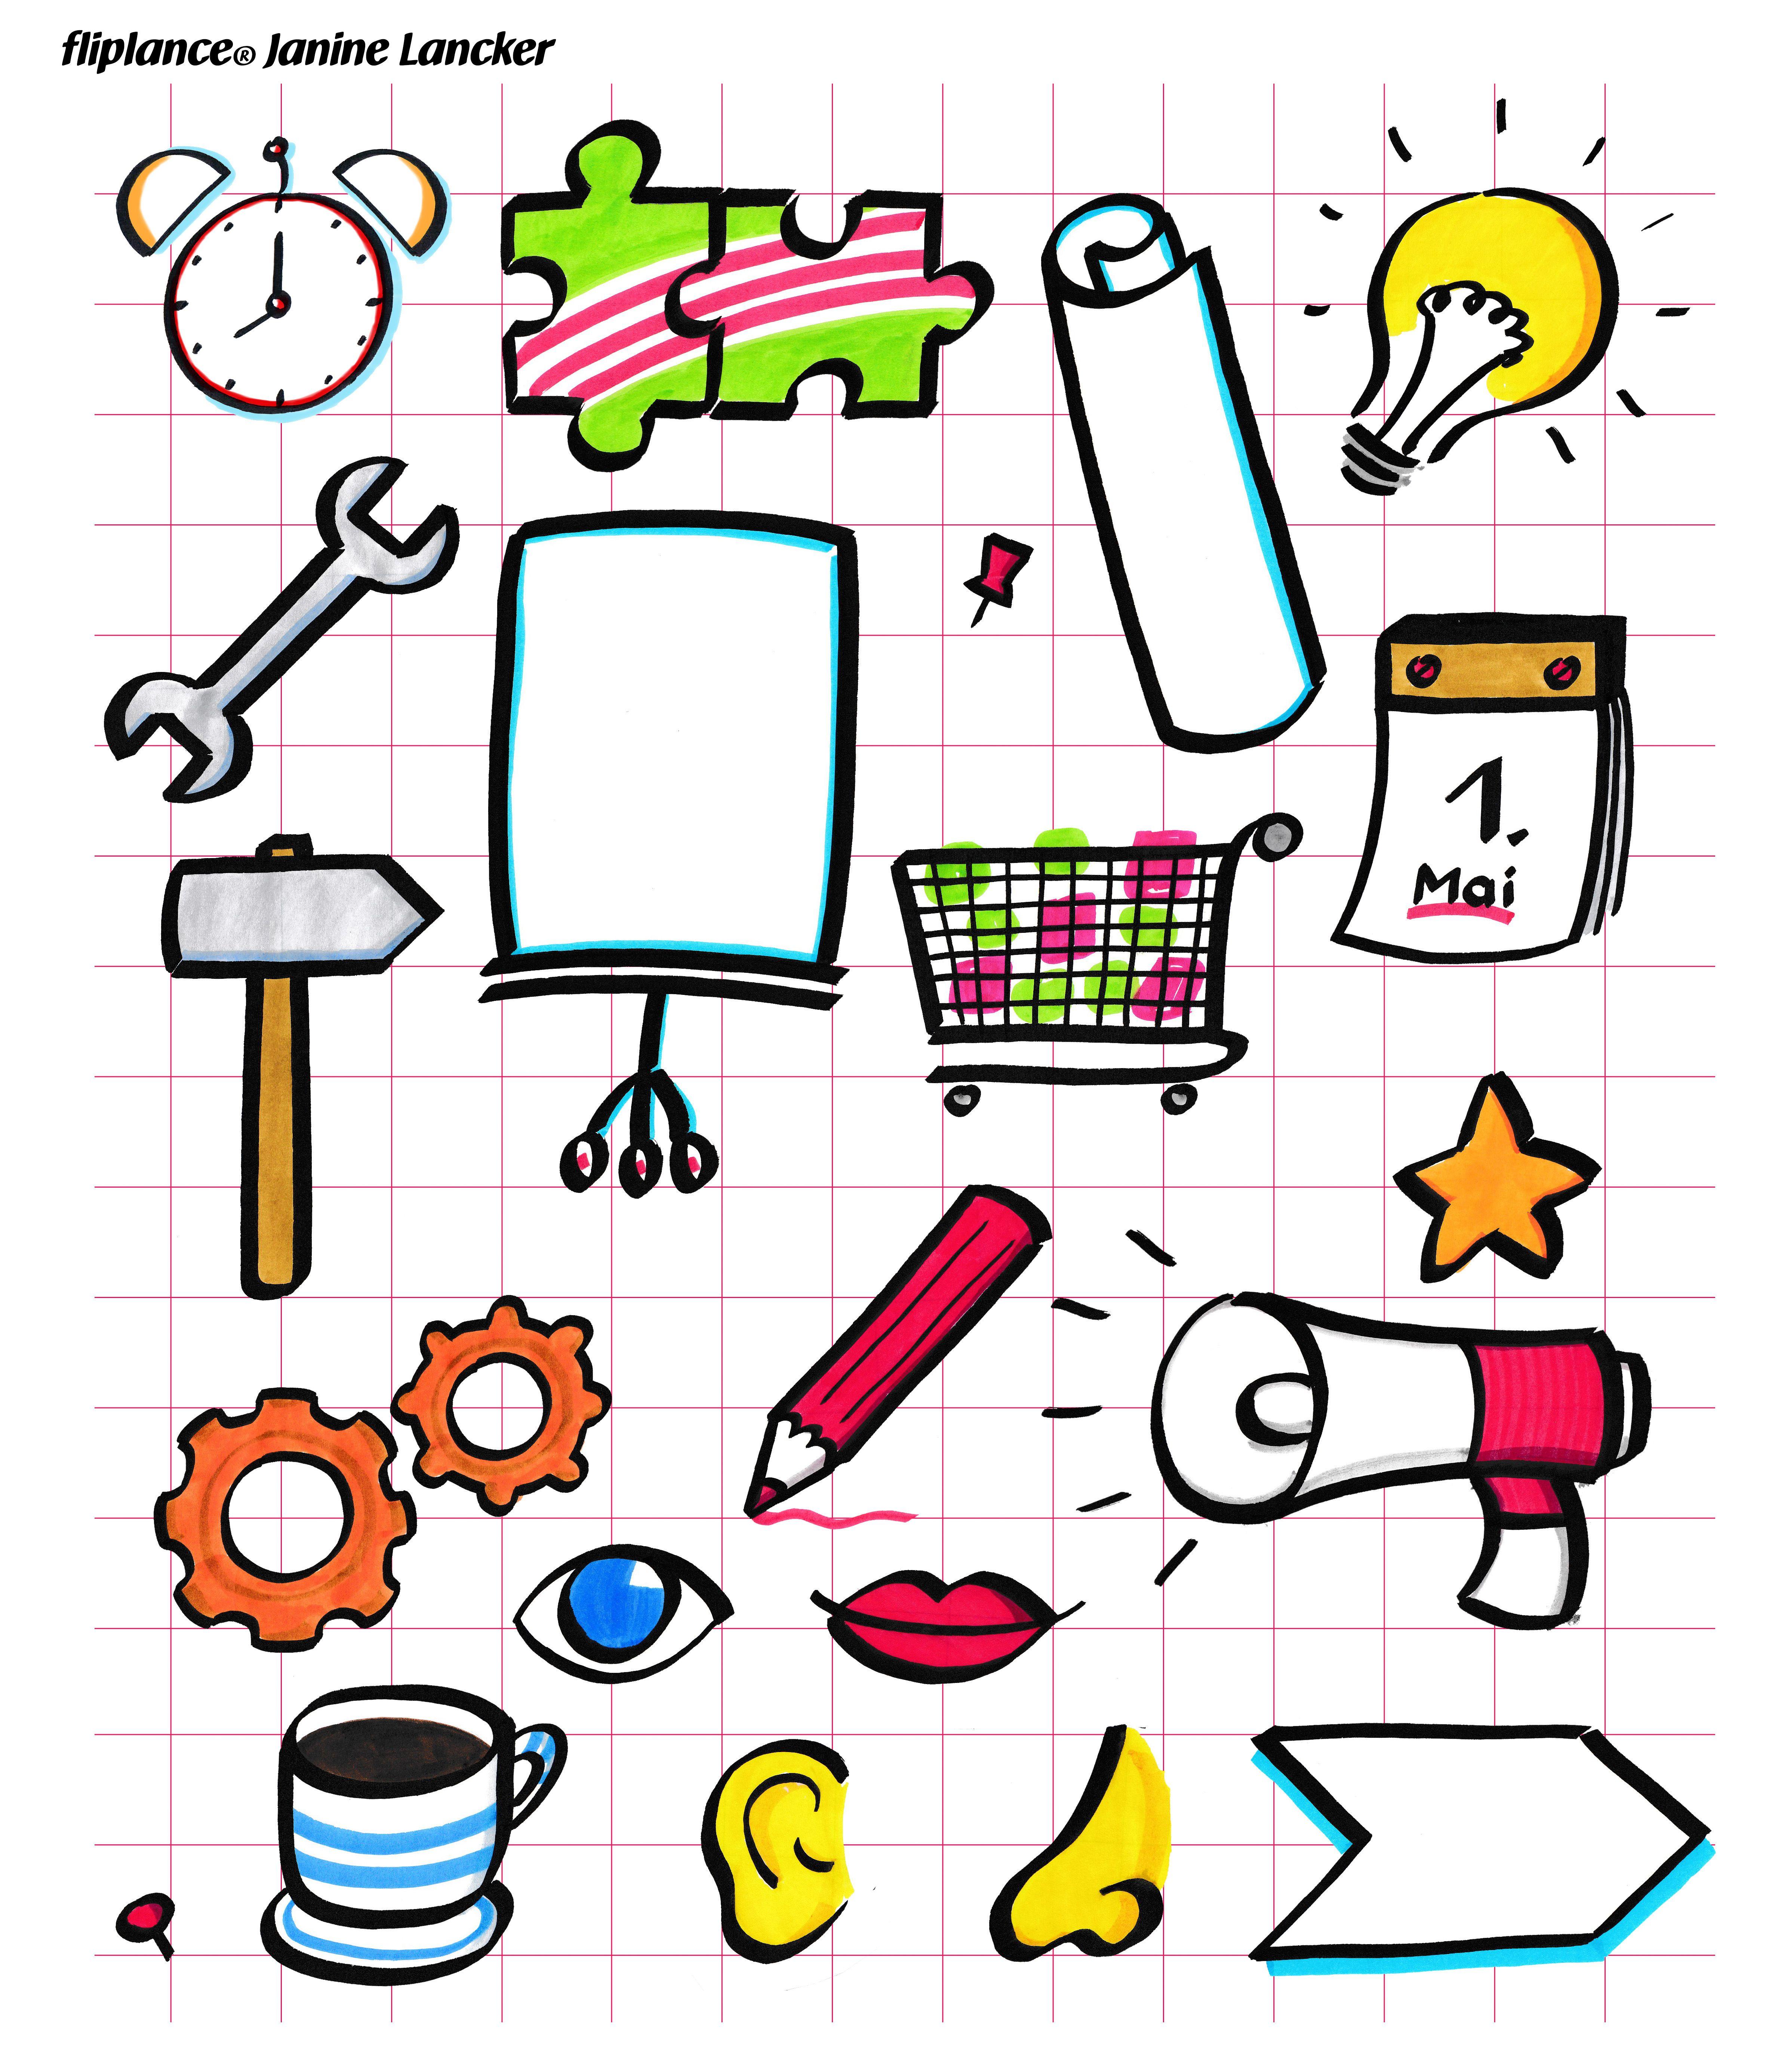 Gegenstande Am Flipchart Zeichnen Ist Ganz Einfach Im Stil Der